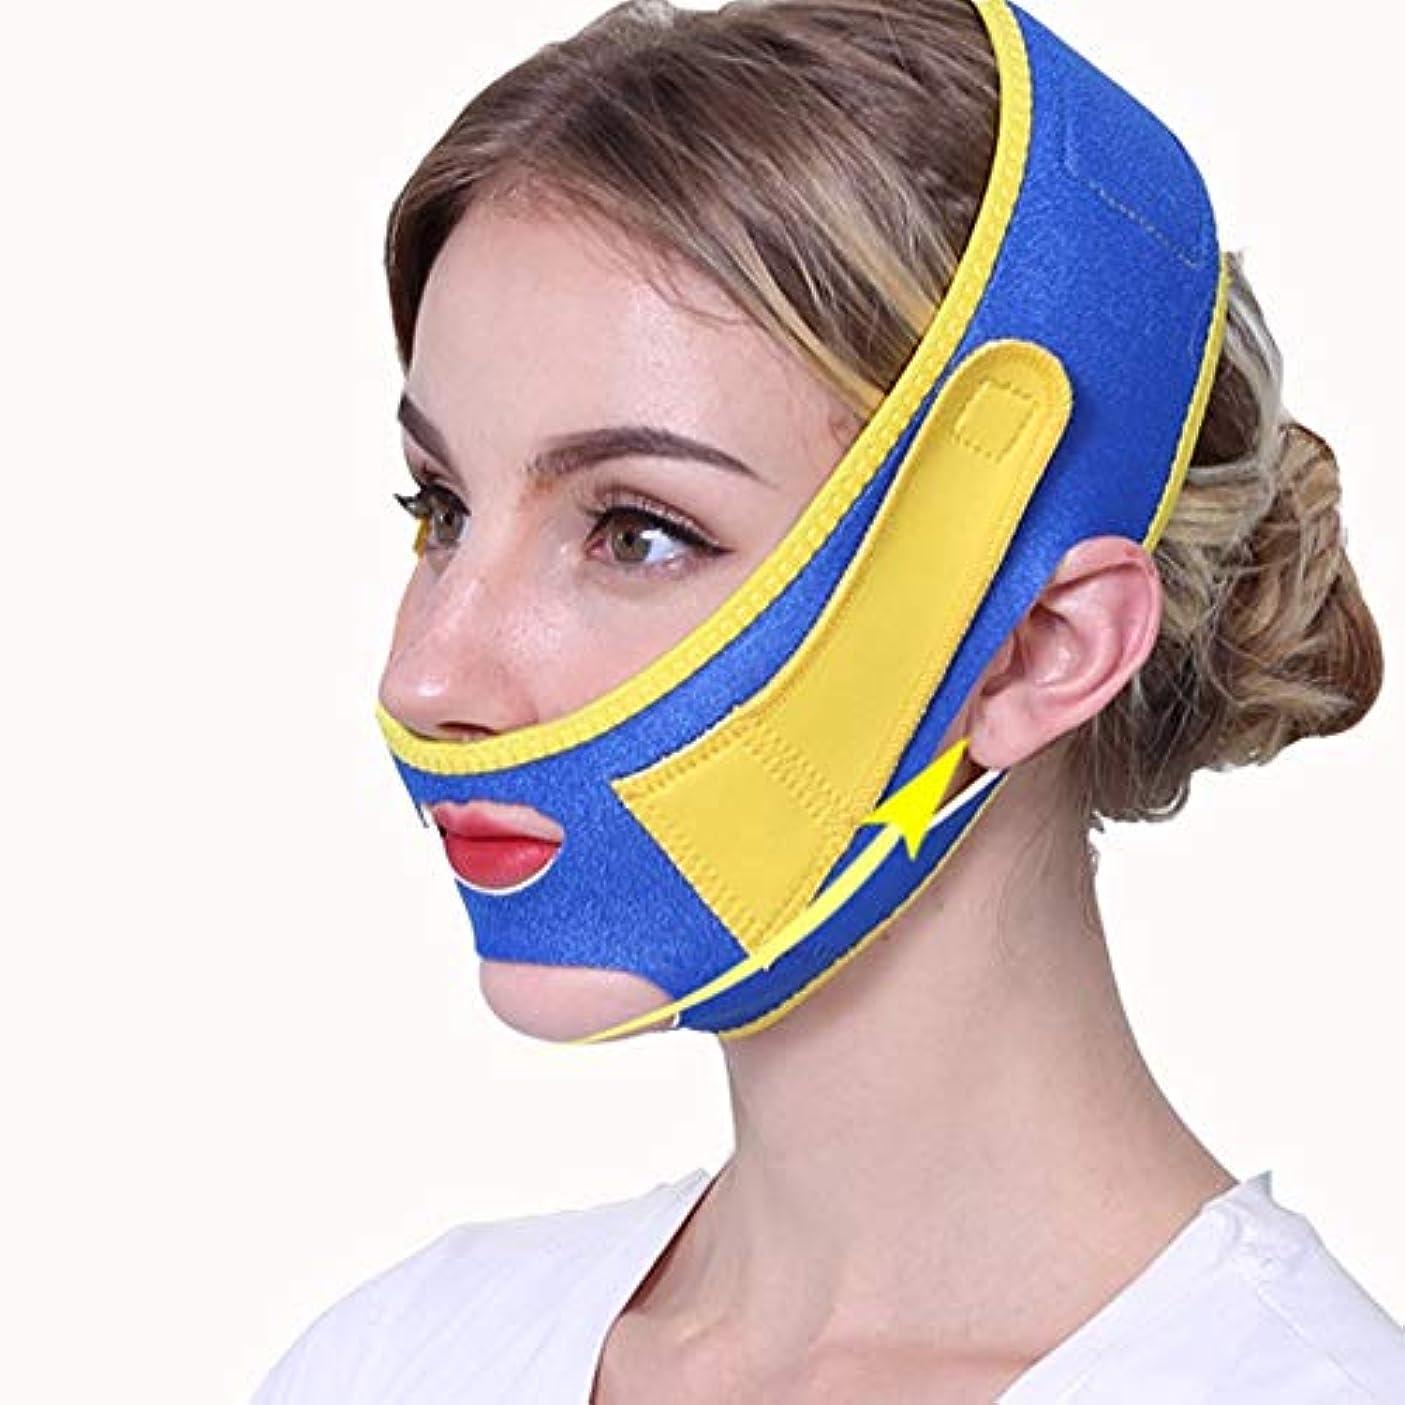 までガロンマージMinmin フェイシャルリフティング痩身ベルトフェイス包帯マスク整形マスクフェイスベルトを引き締める薄型フェイス包帯整形マスクフェイスと首の顔を引き締めスリム みんみんVラインフェイスマスク